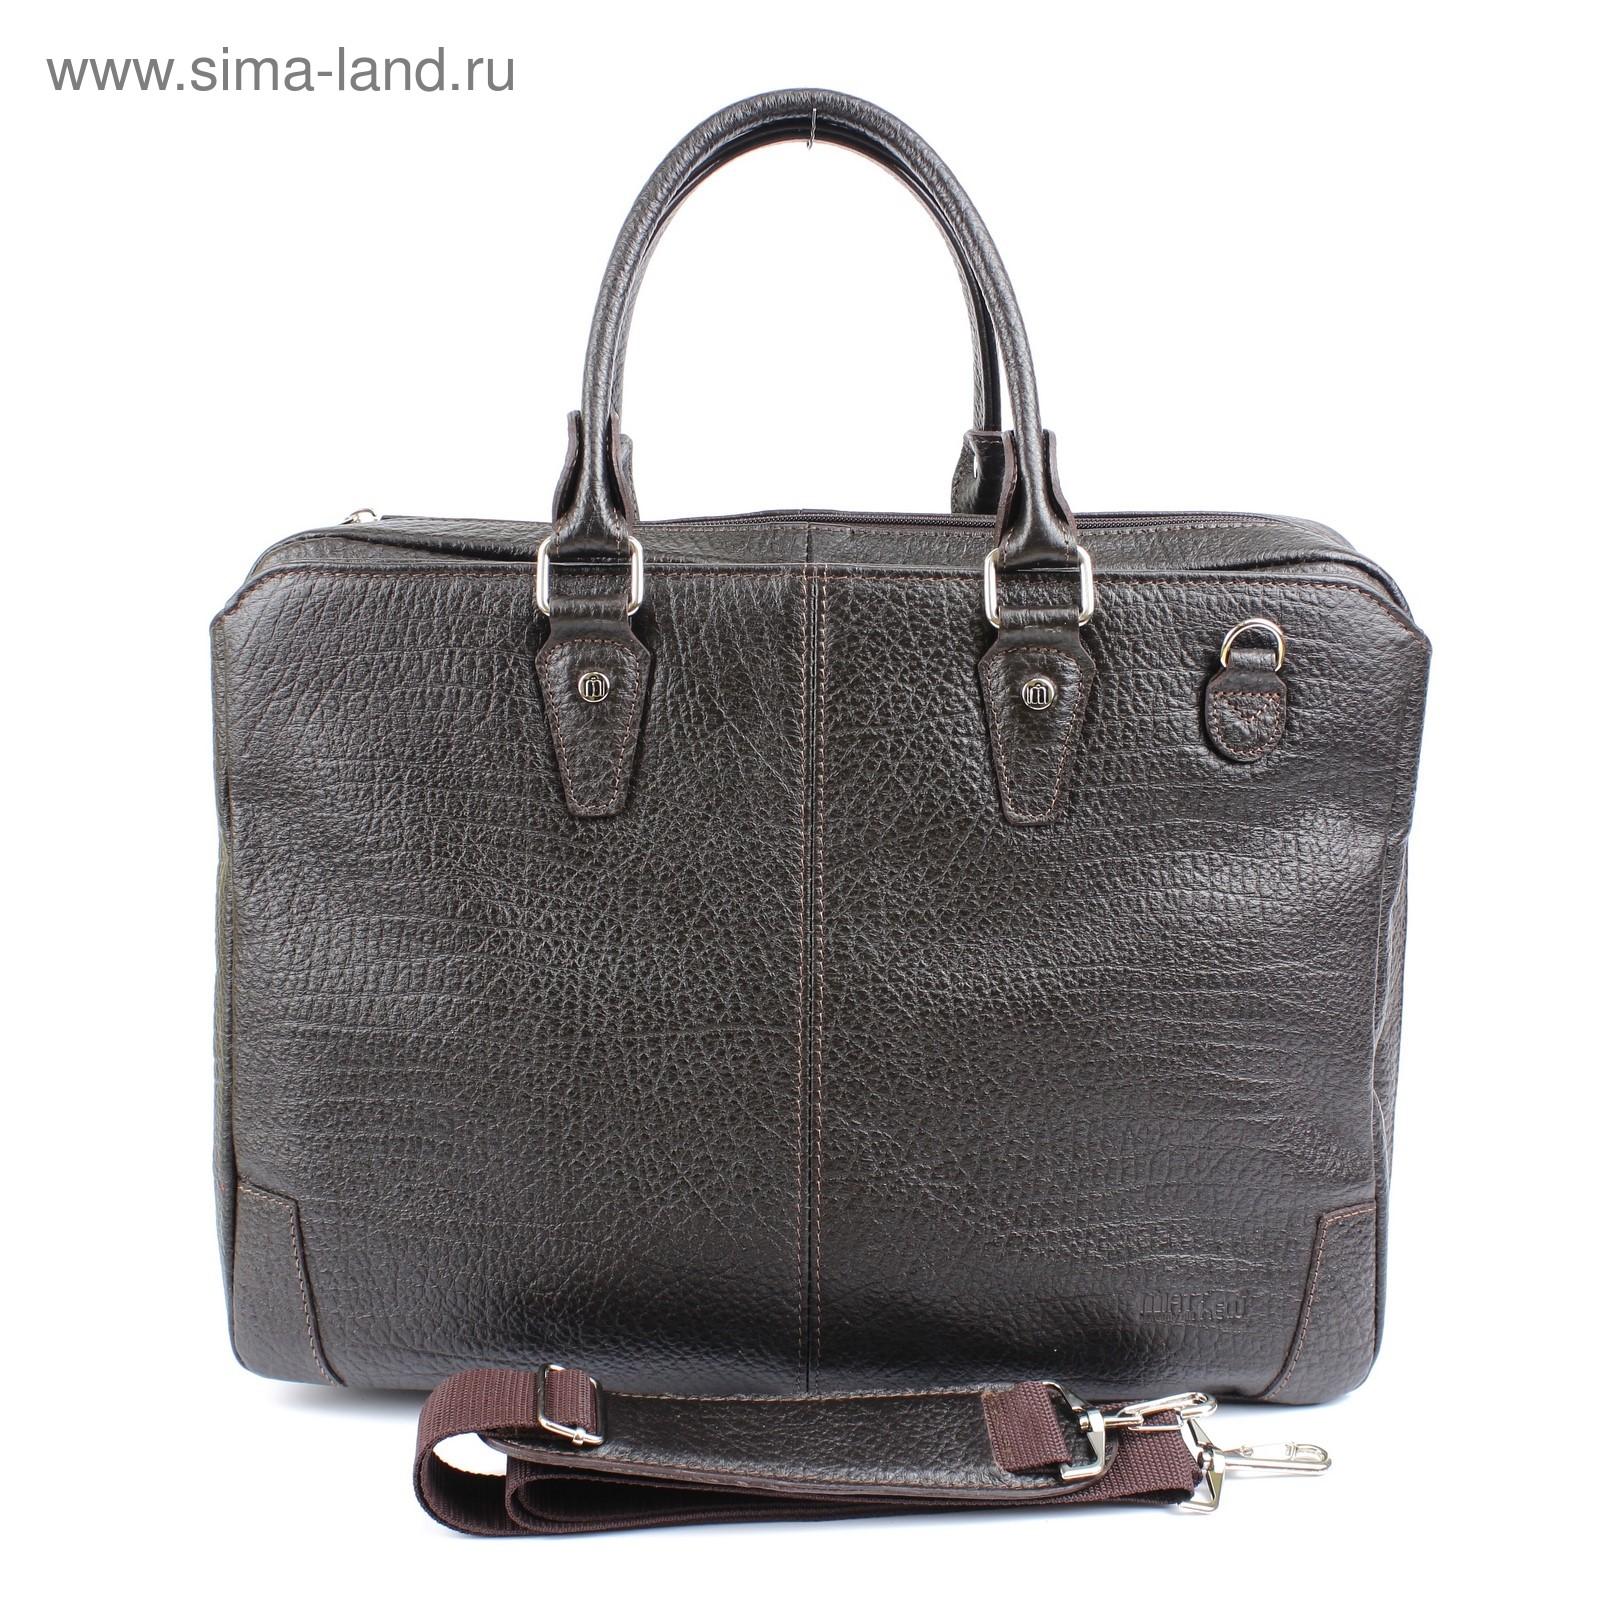 d05b6070dba8 Портфель мужской н/к 427, плечевой ремень, коричневый буфало (ва427 ...